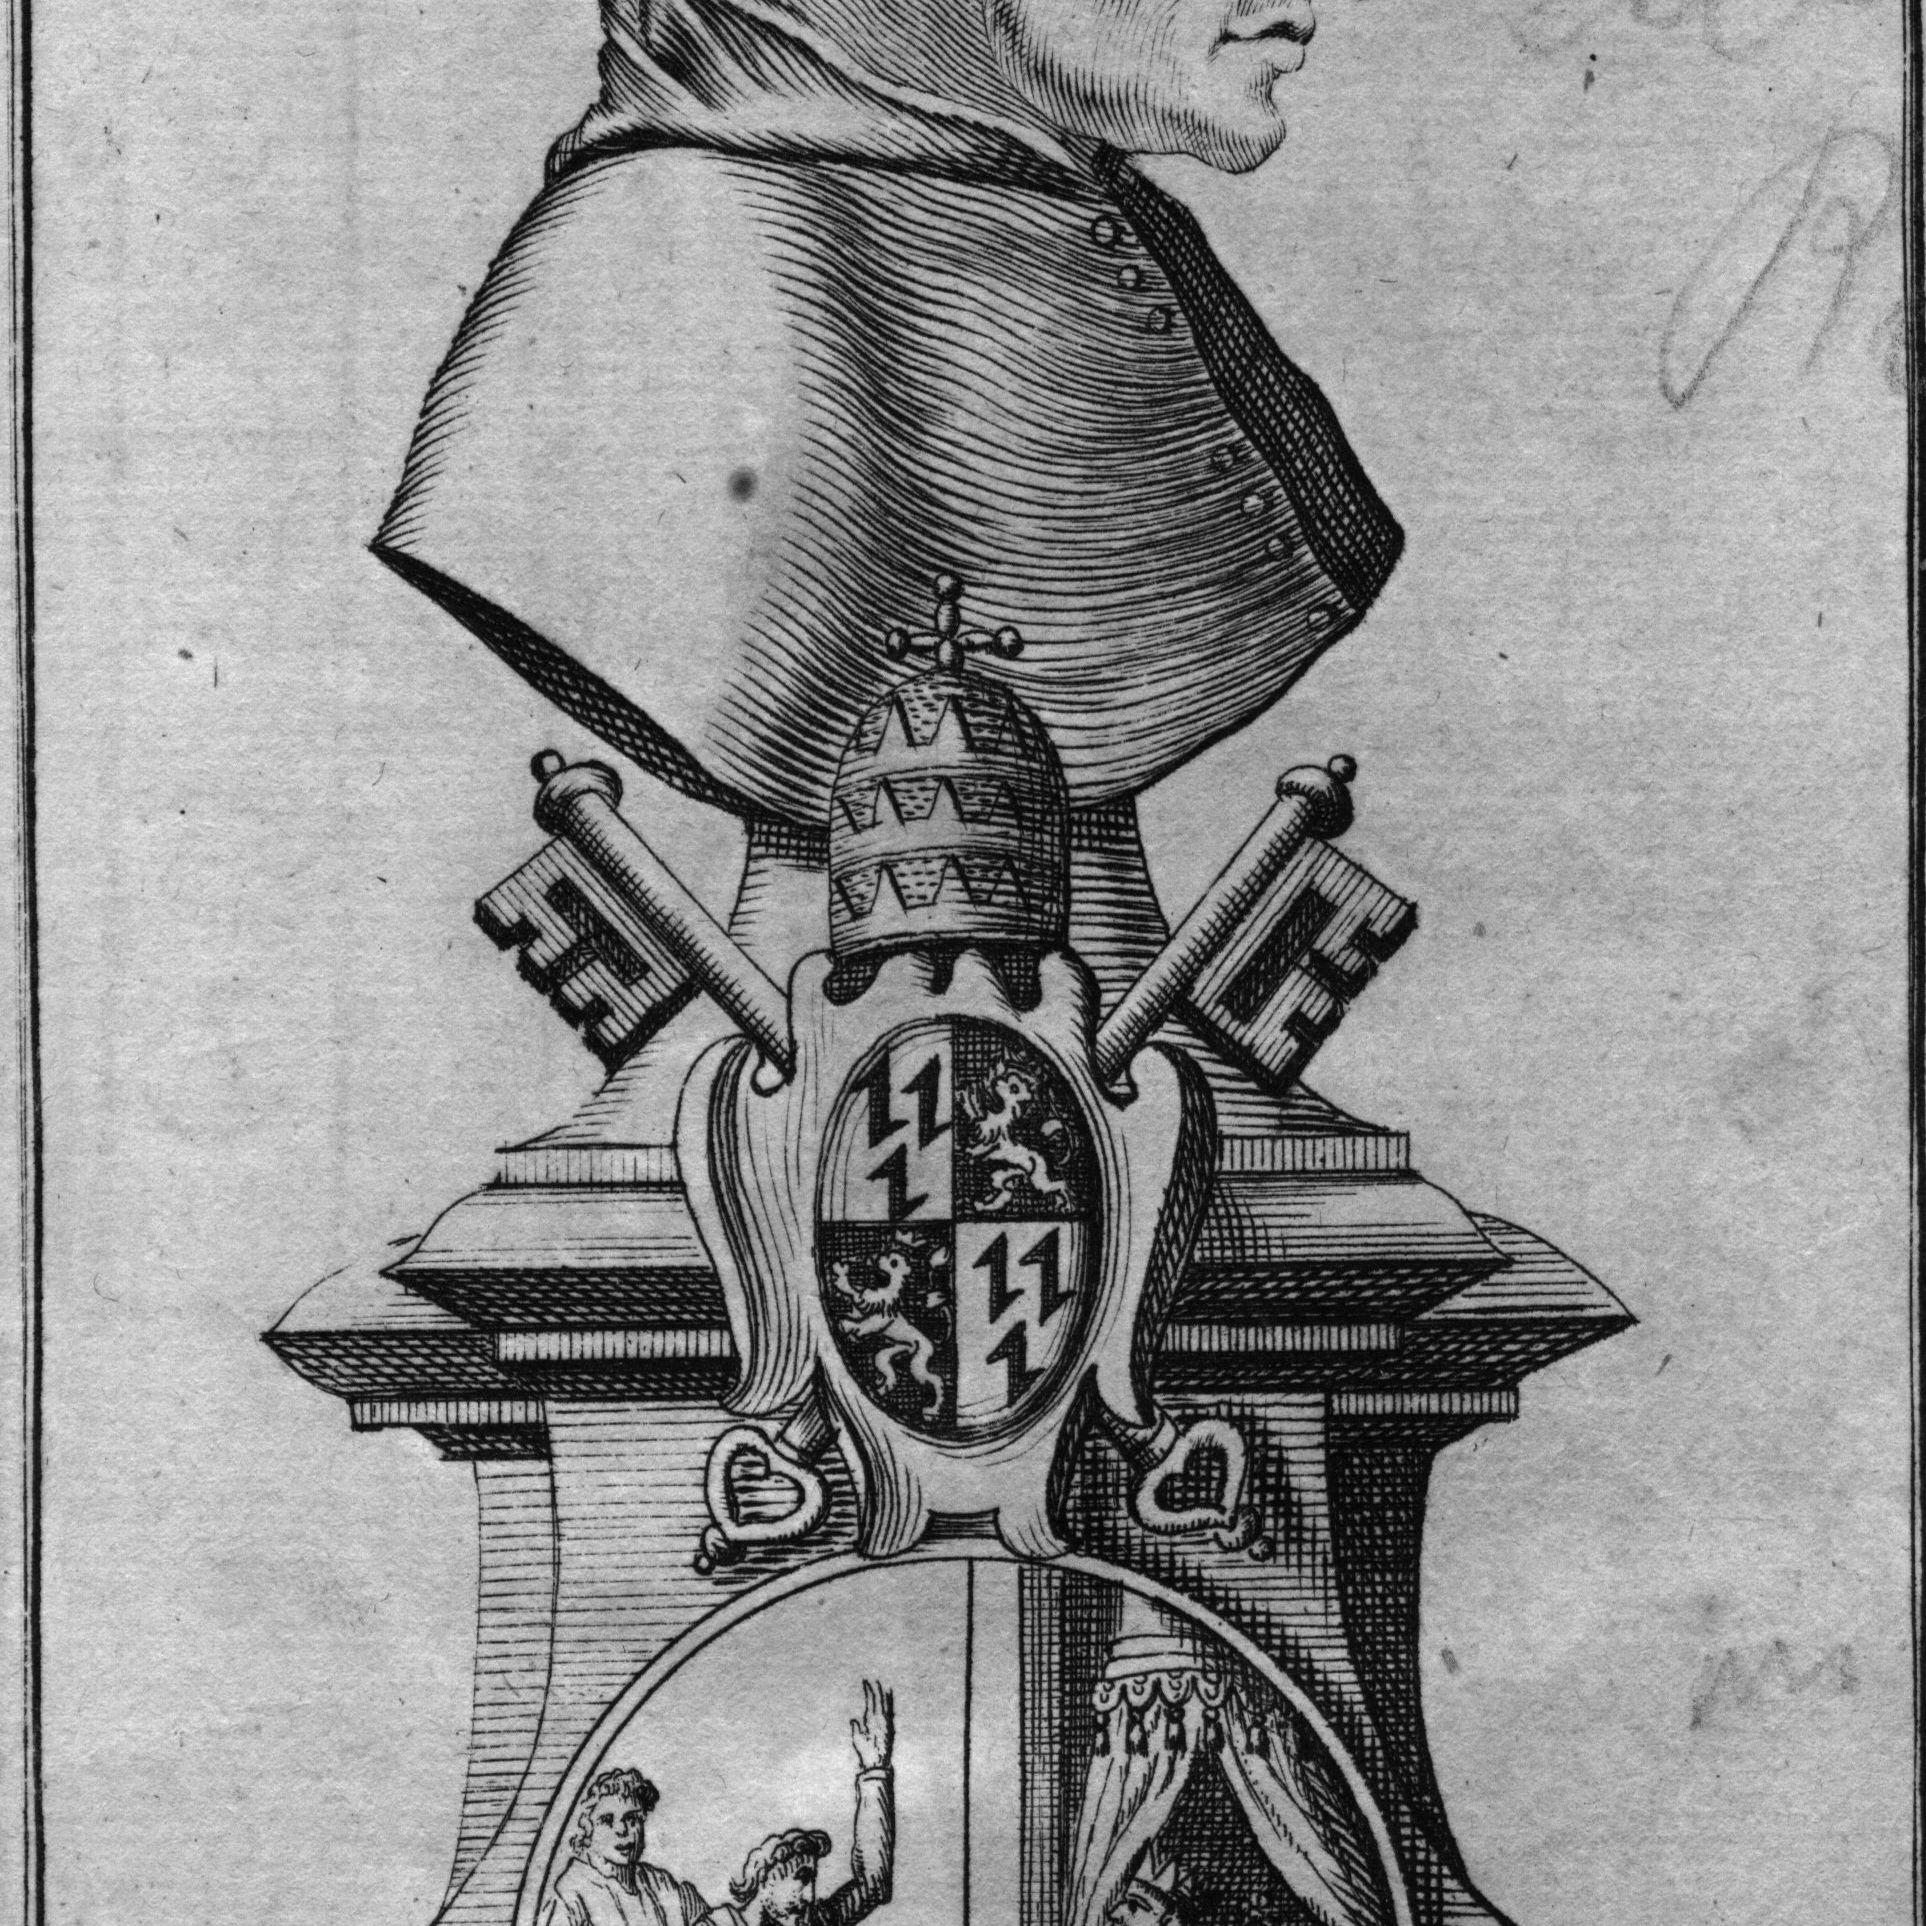 Illustrated portriat of Alexander VI on a pedestal.